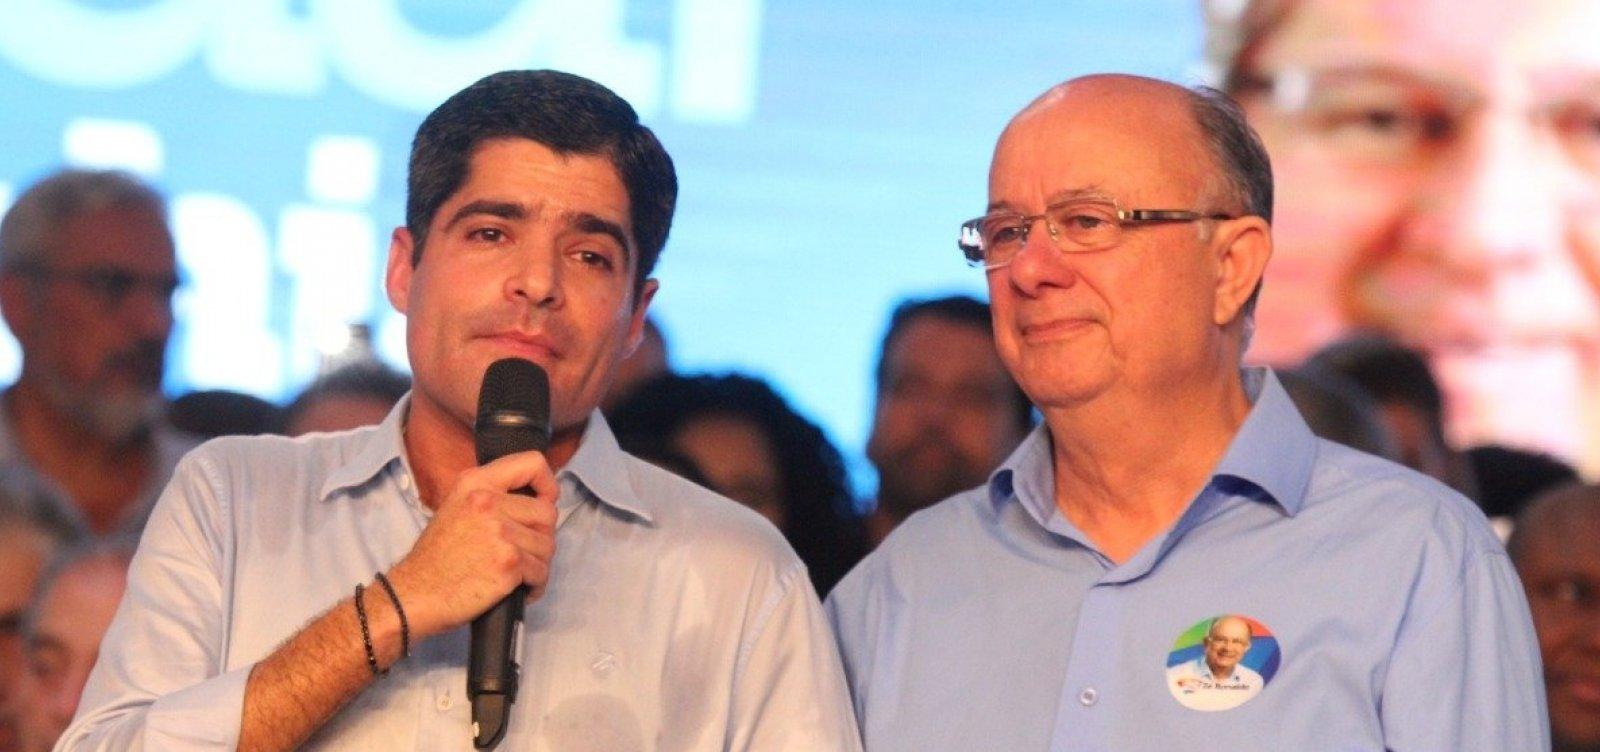 [Após traição, Neto não irá a último debate com Ronaldo para acompanhar Alckmin no RJ]